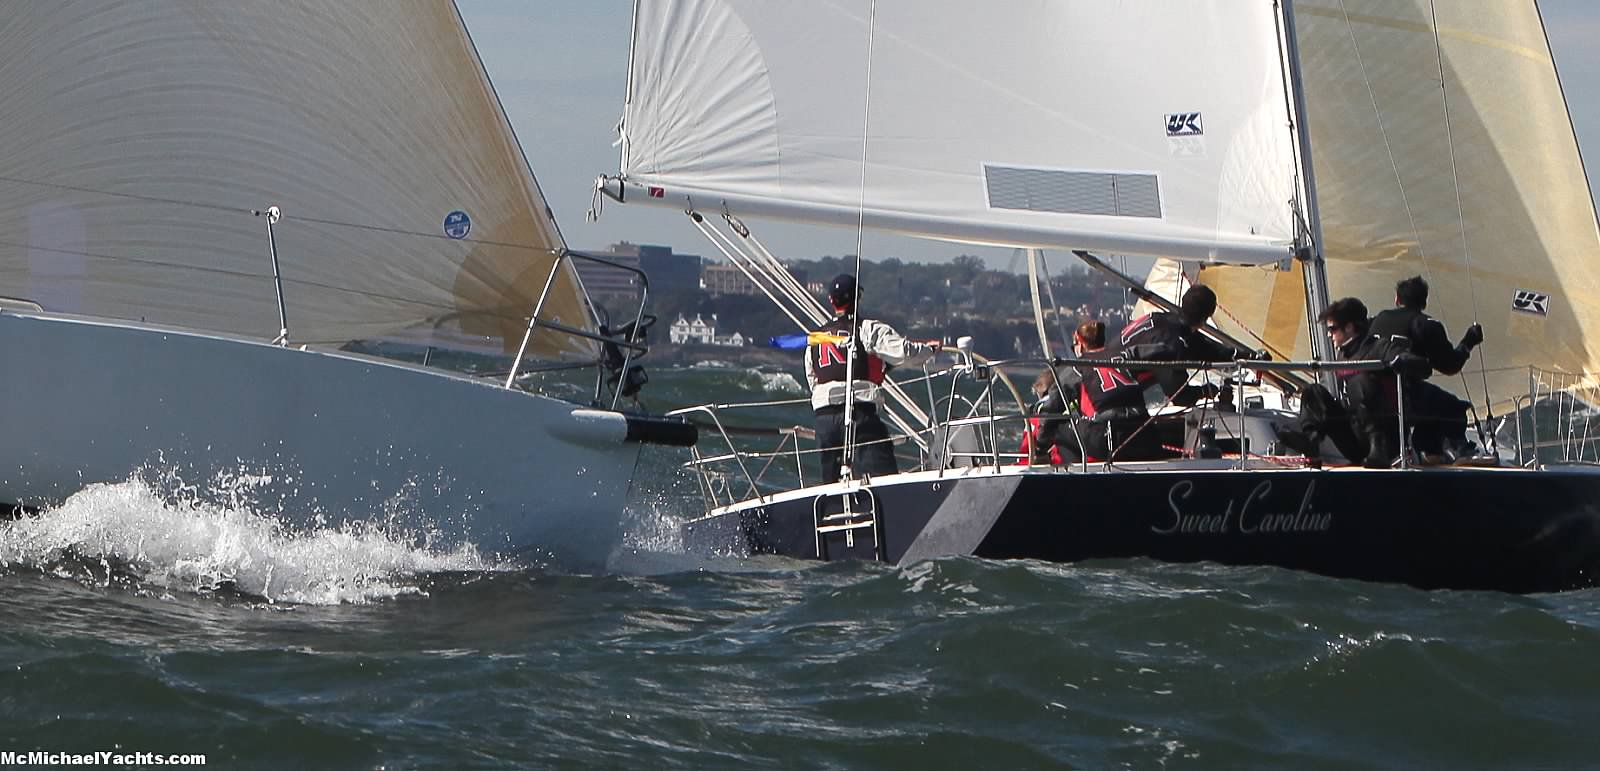 Storm Trysail Regatta, 2013